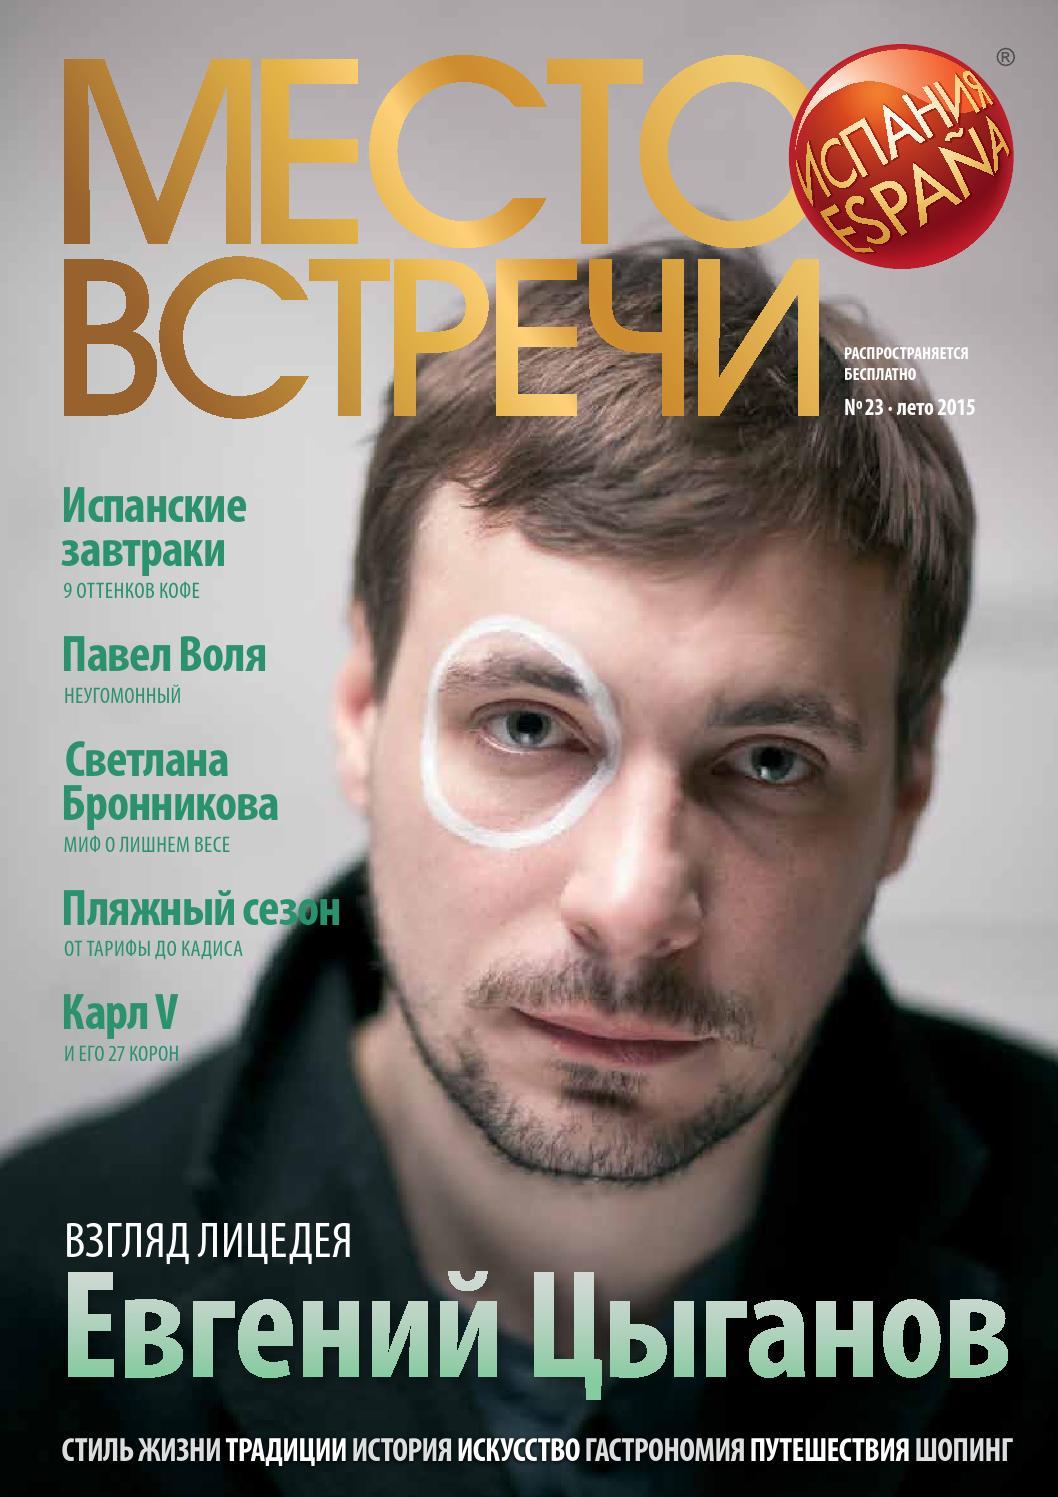 Ольга ситникова 8 апреля sitnikova olga инстаграм